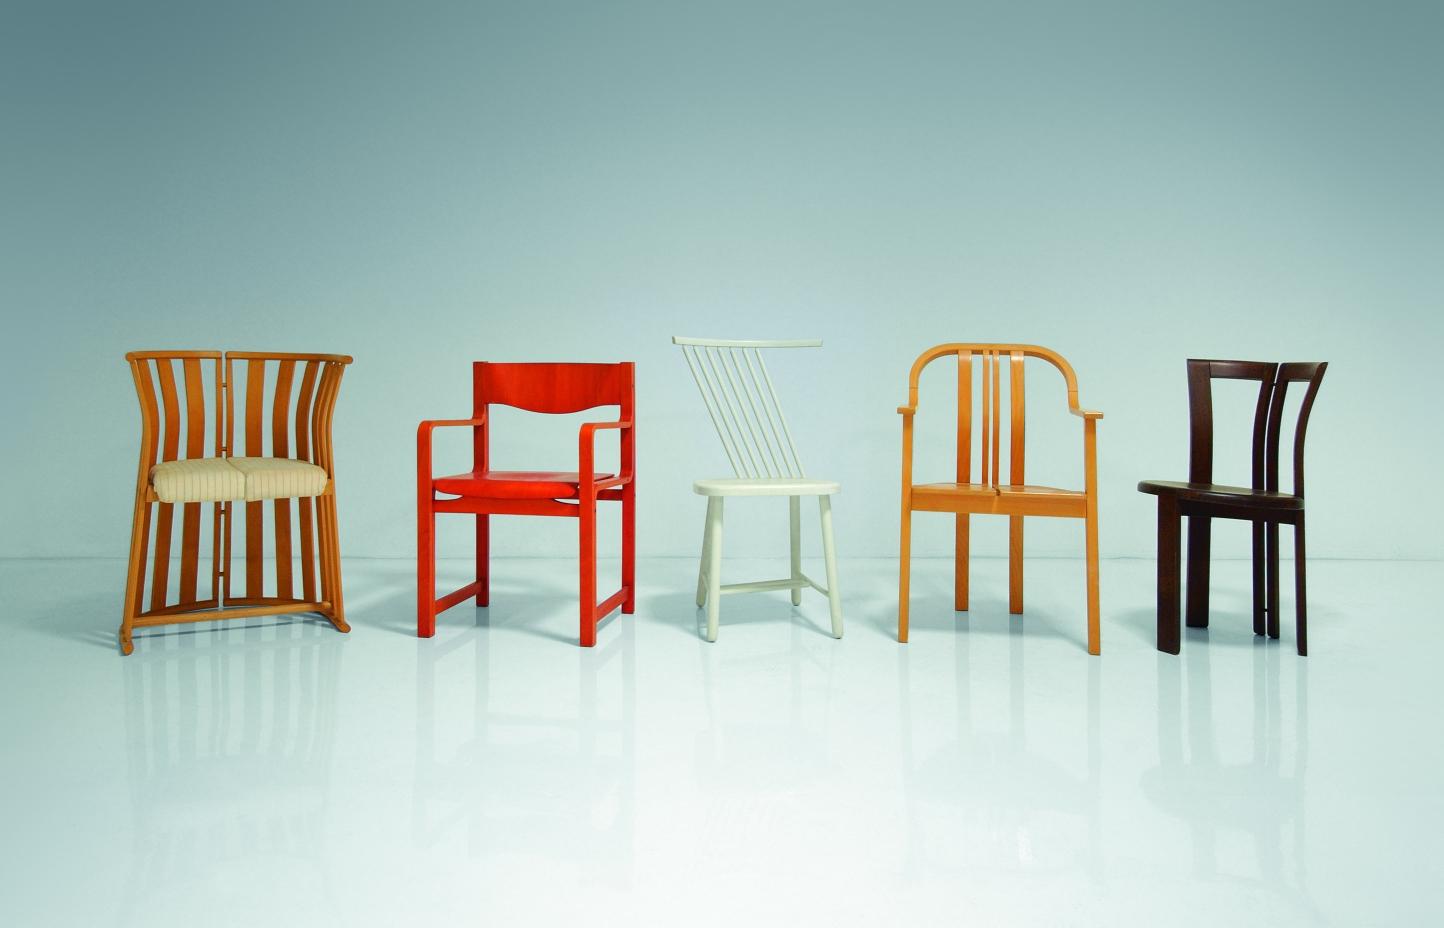 320 stoličiek – Historická kolekcia stoličiek Tatra nábytok Pravenec 1951 - 1991